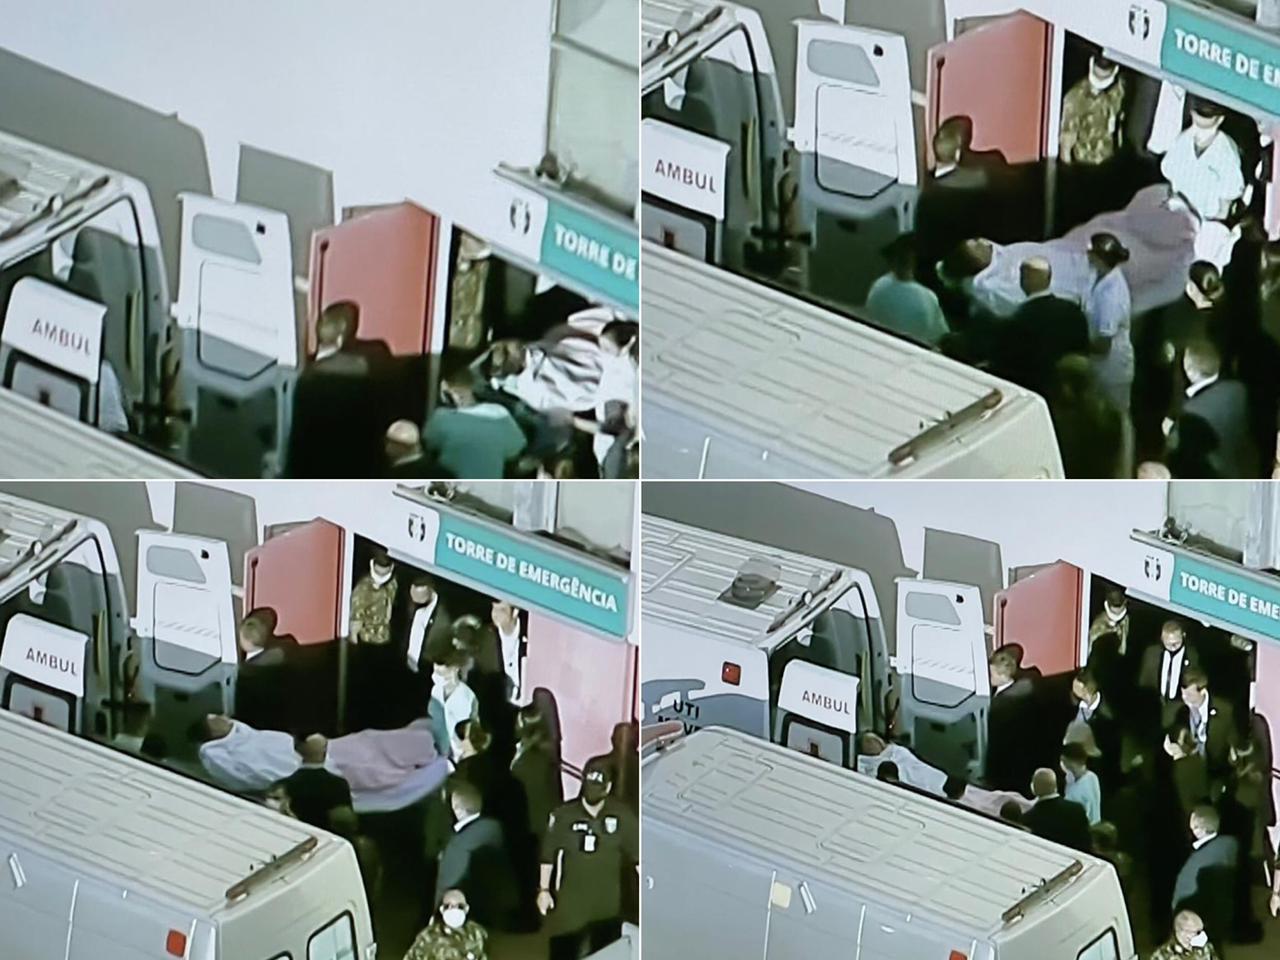 Momento em que Bolsonaro deixa o Hospital das Forças Armadas. Ele segue para São Paulo, onde passará por novos procedimentos. Foto: Reprodução